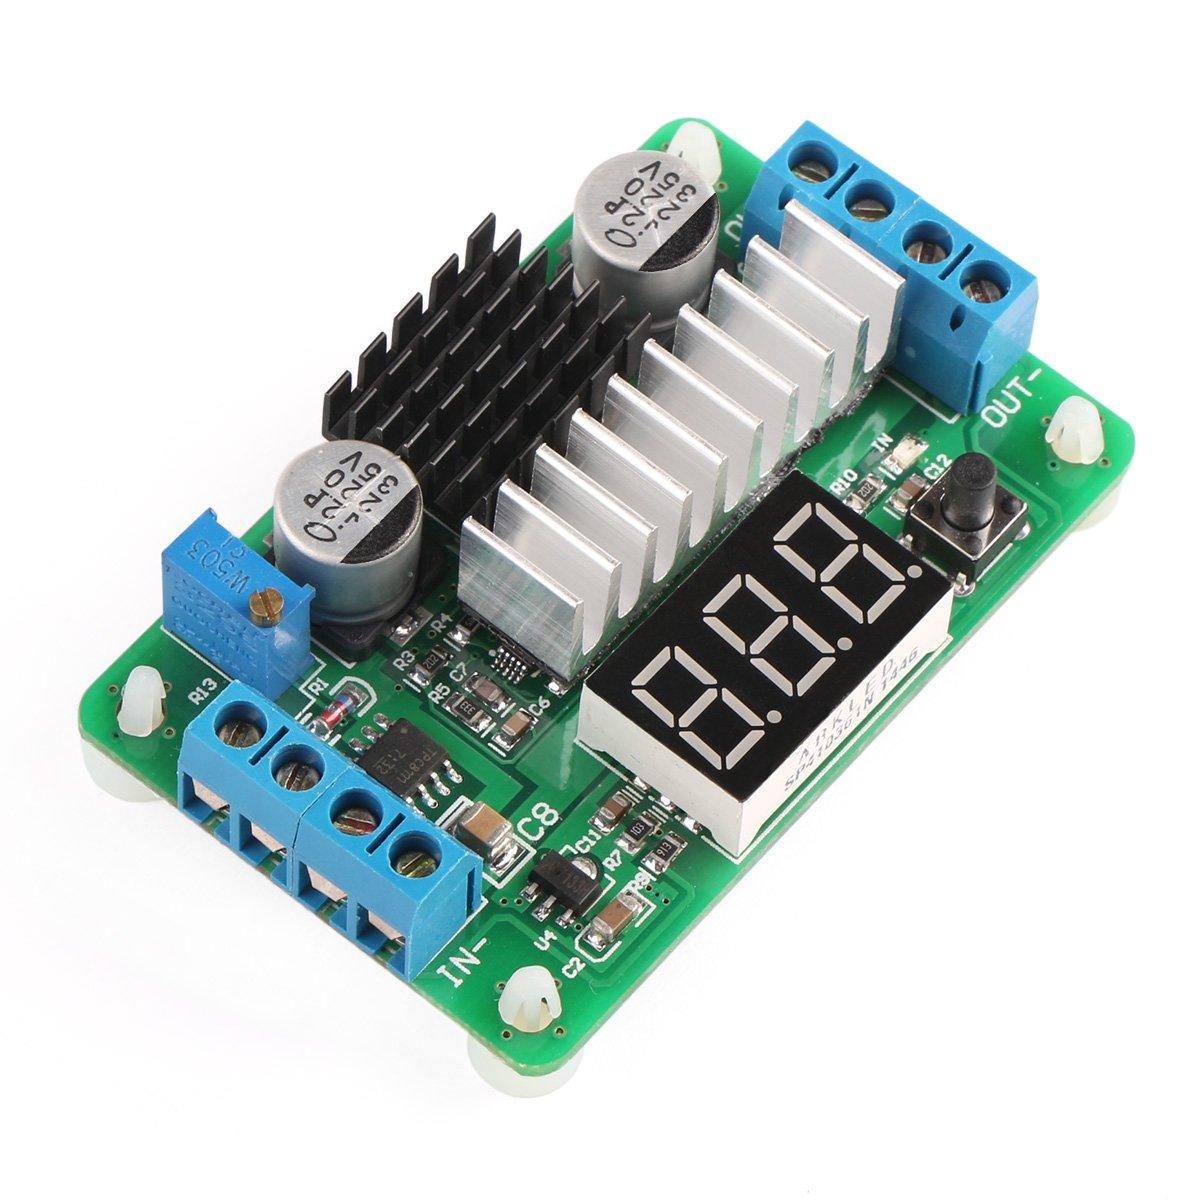 Drok Ltc1871 35v 30v Dc Boost Converter Power Circuits Apmilifier 5v To 12v Lm2577 Step Up Voltage Transformer Regulator Volt Module Supply Board For Car Auto Motor